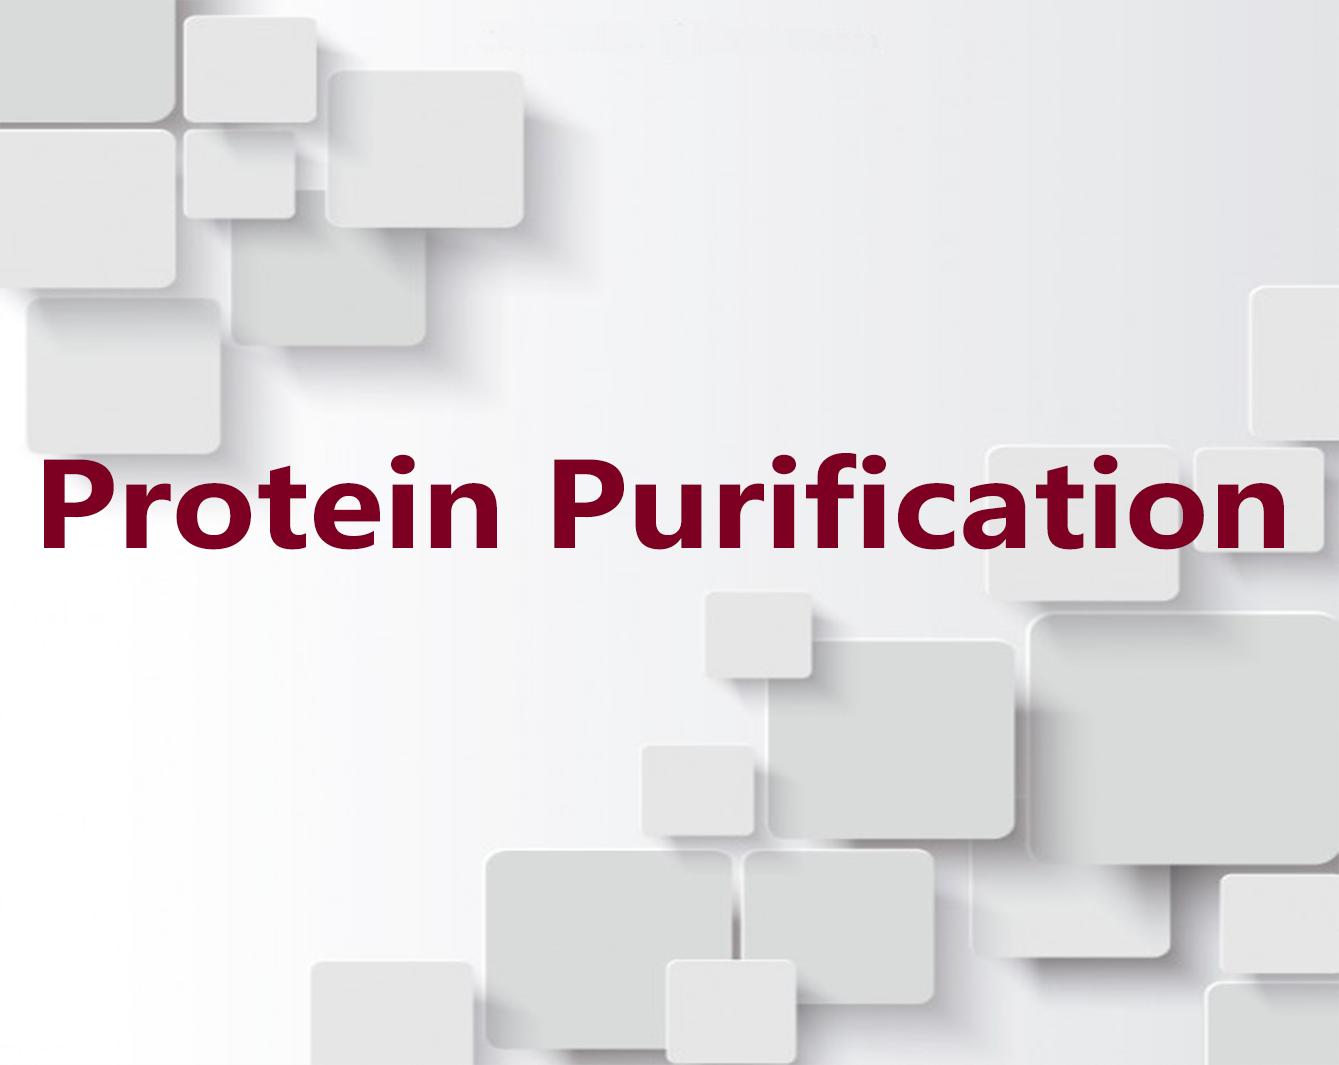 蛋白质表达纯化技术服务